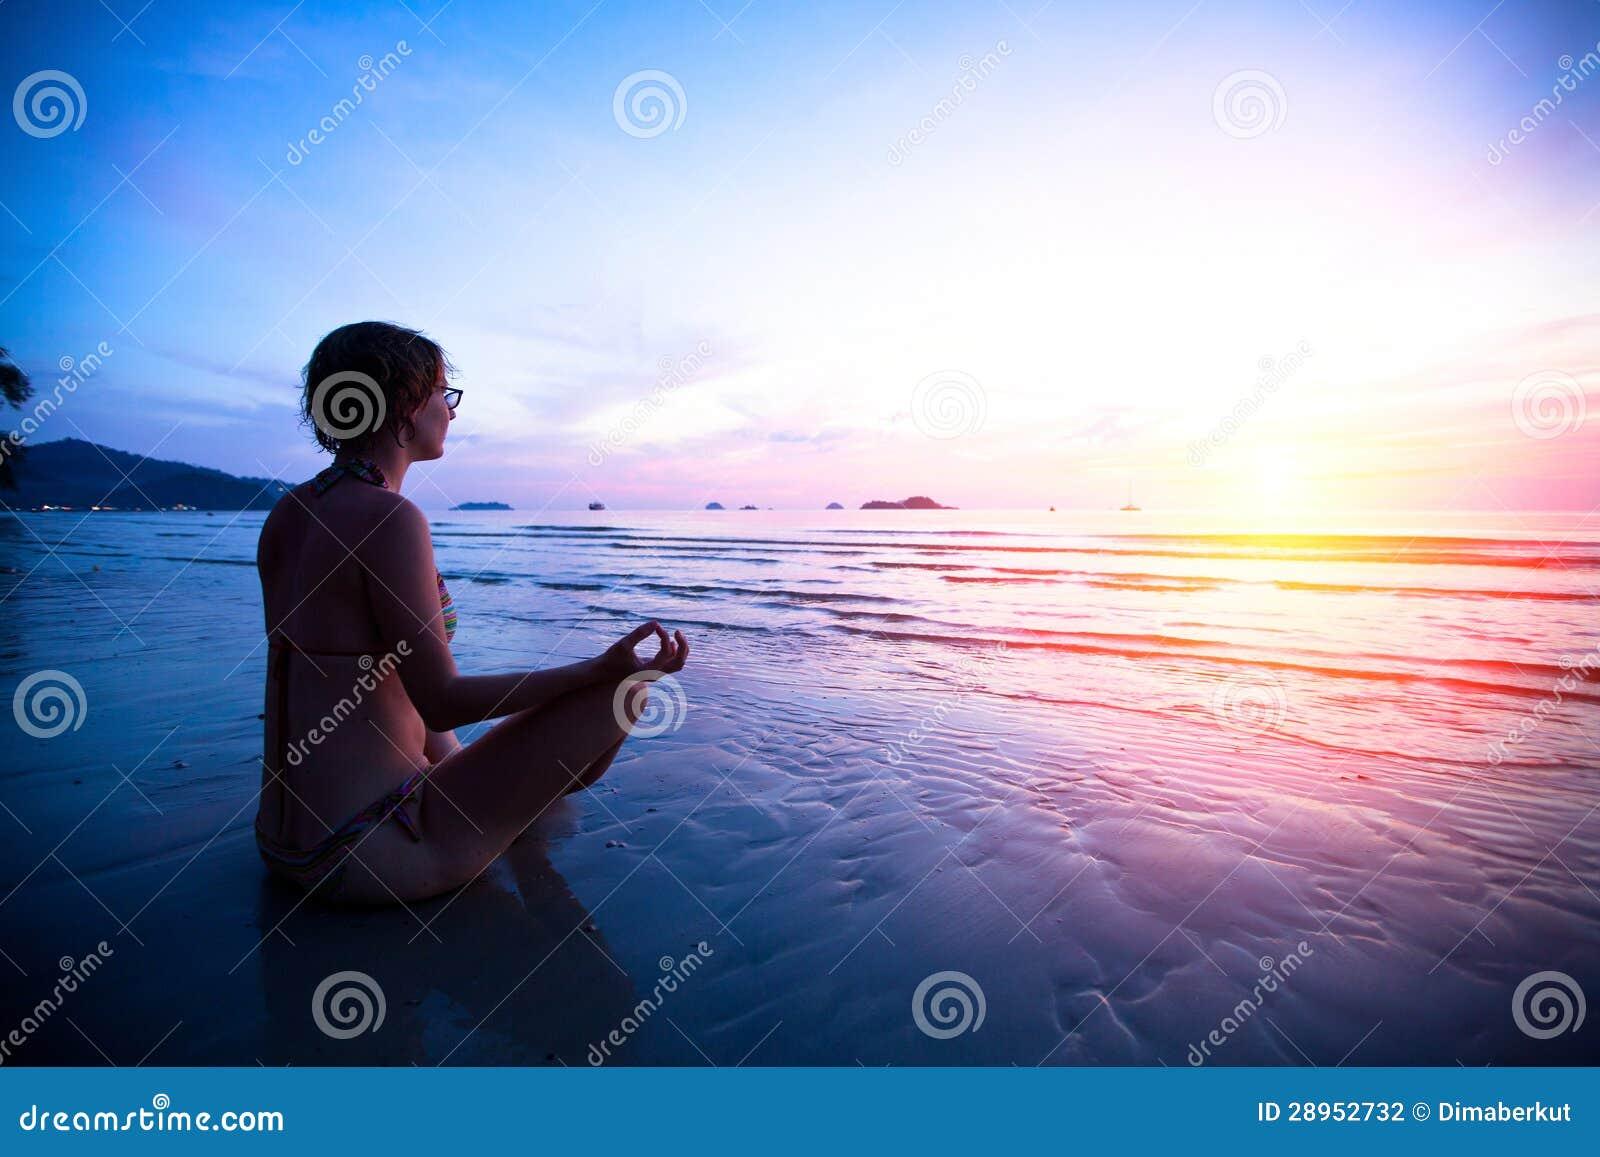 Młodej kobiety ćwiczy joga na plaży